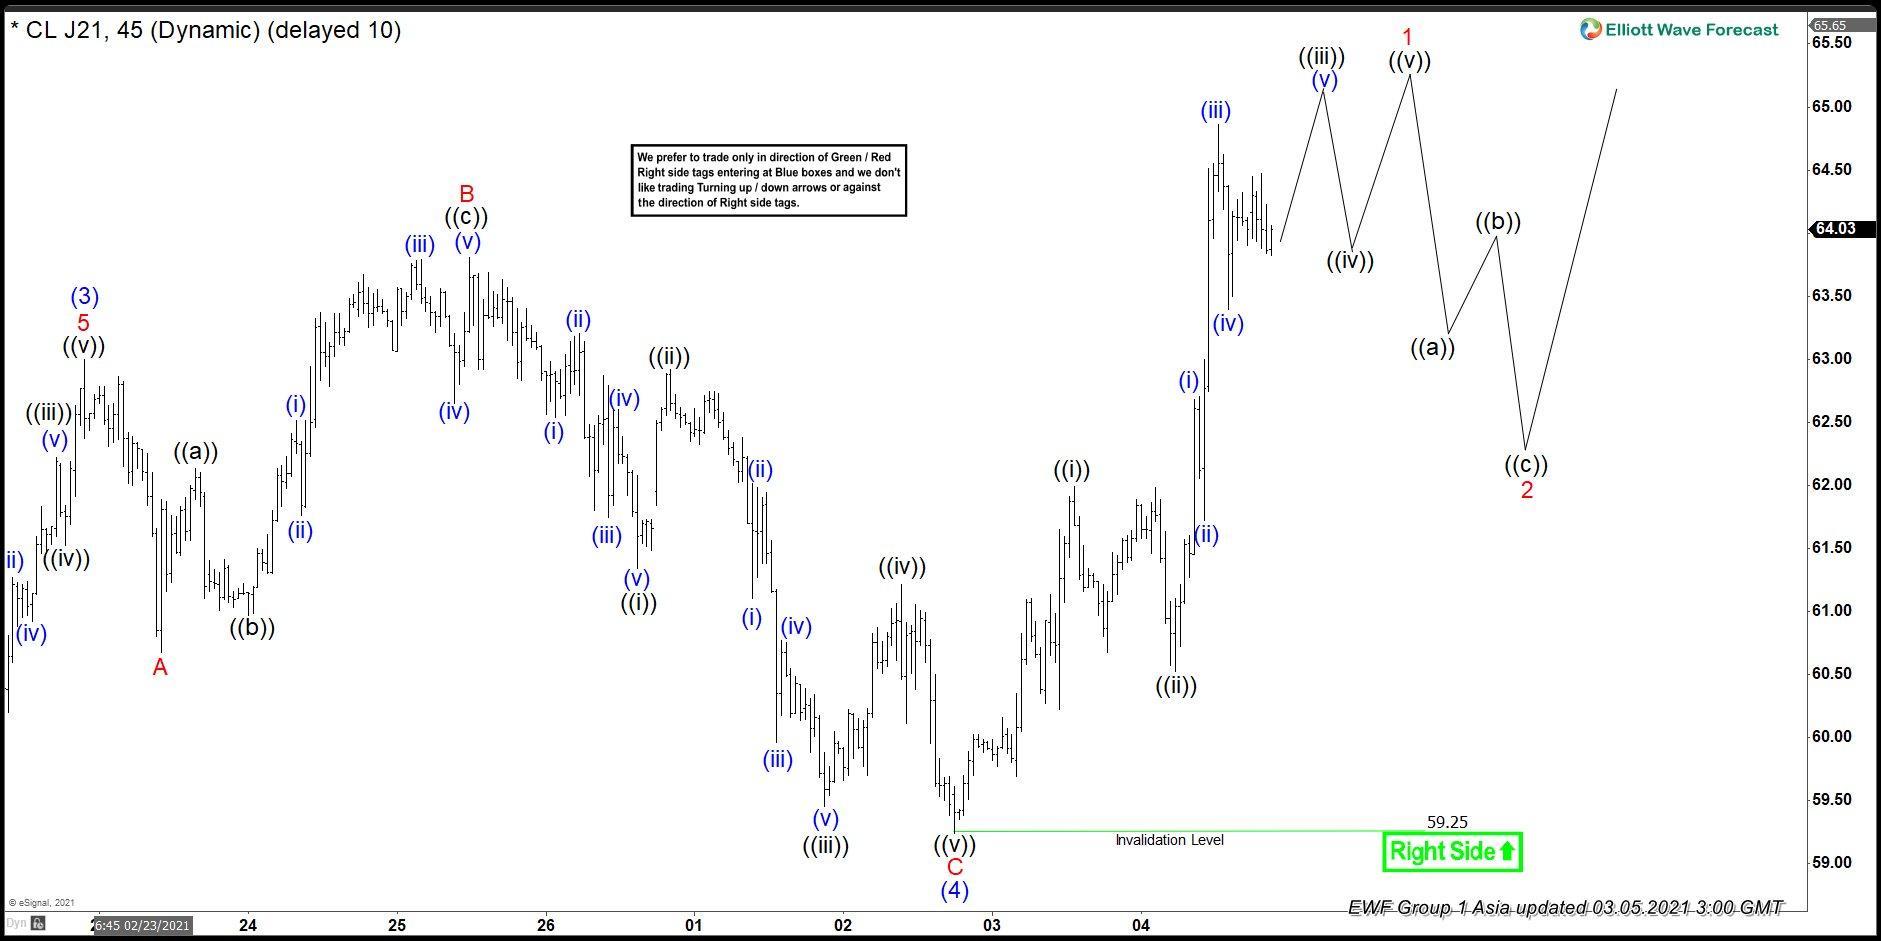 Elliott Wave View: Oil (CL) Wave (5) Rally in Progress